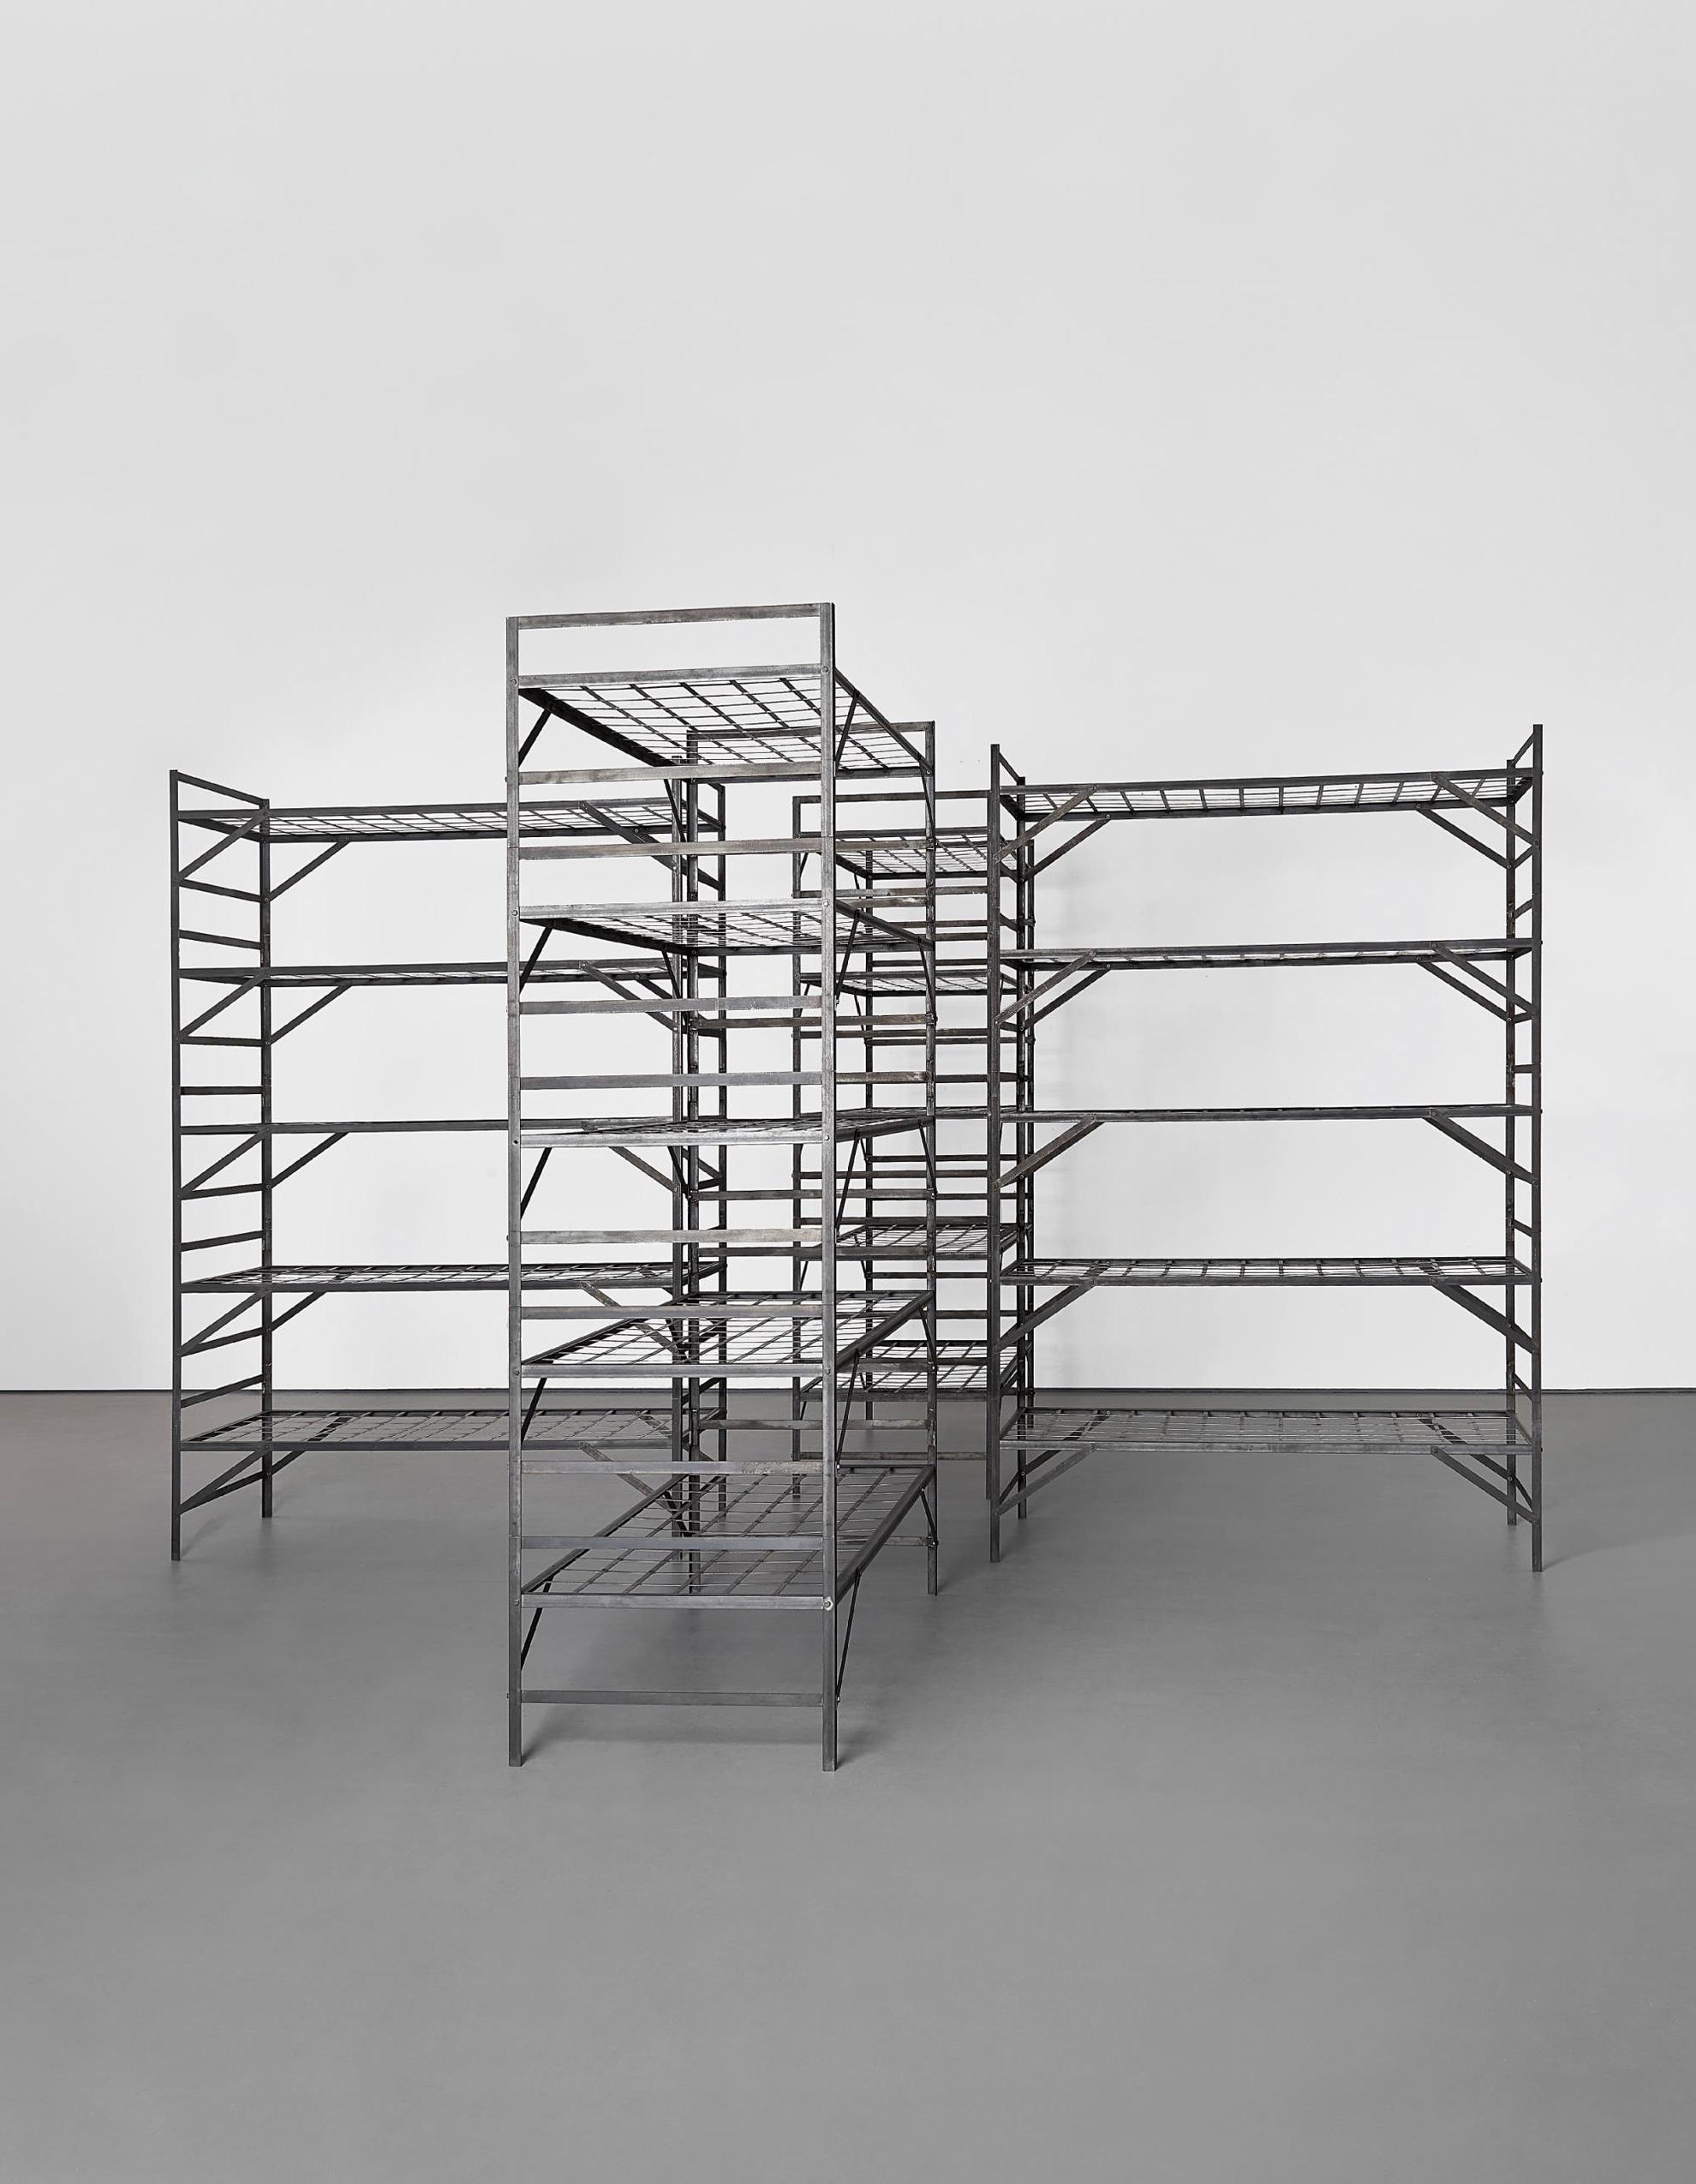 Mona Hatoum-Quarters-1996